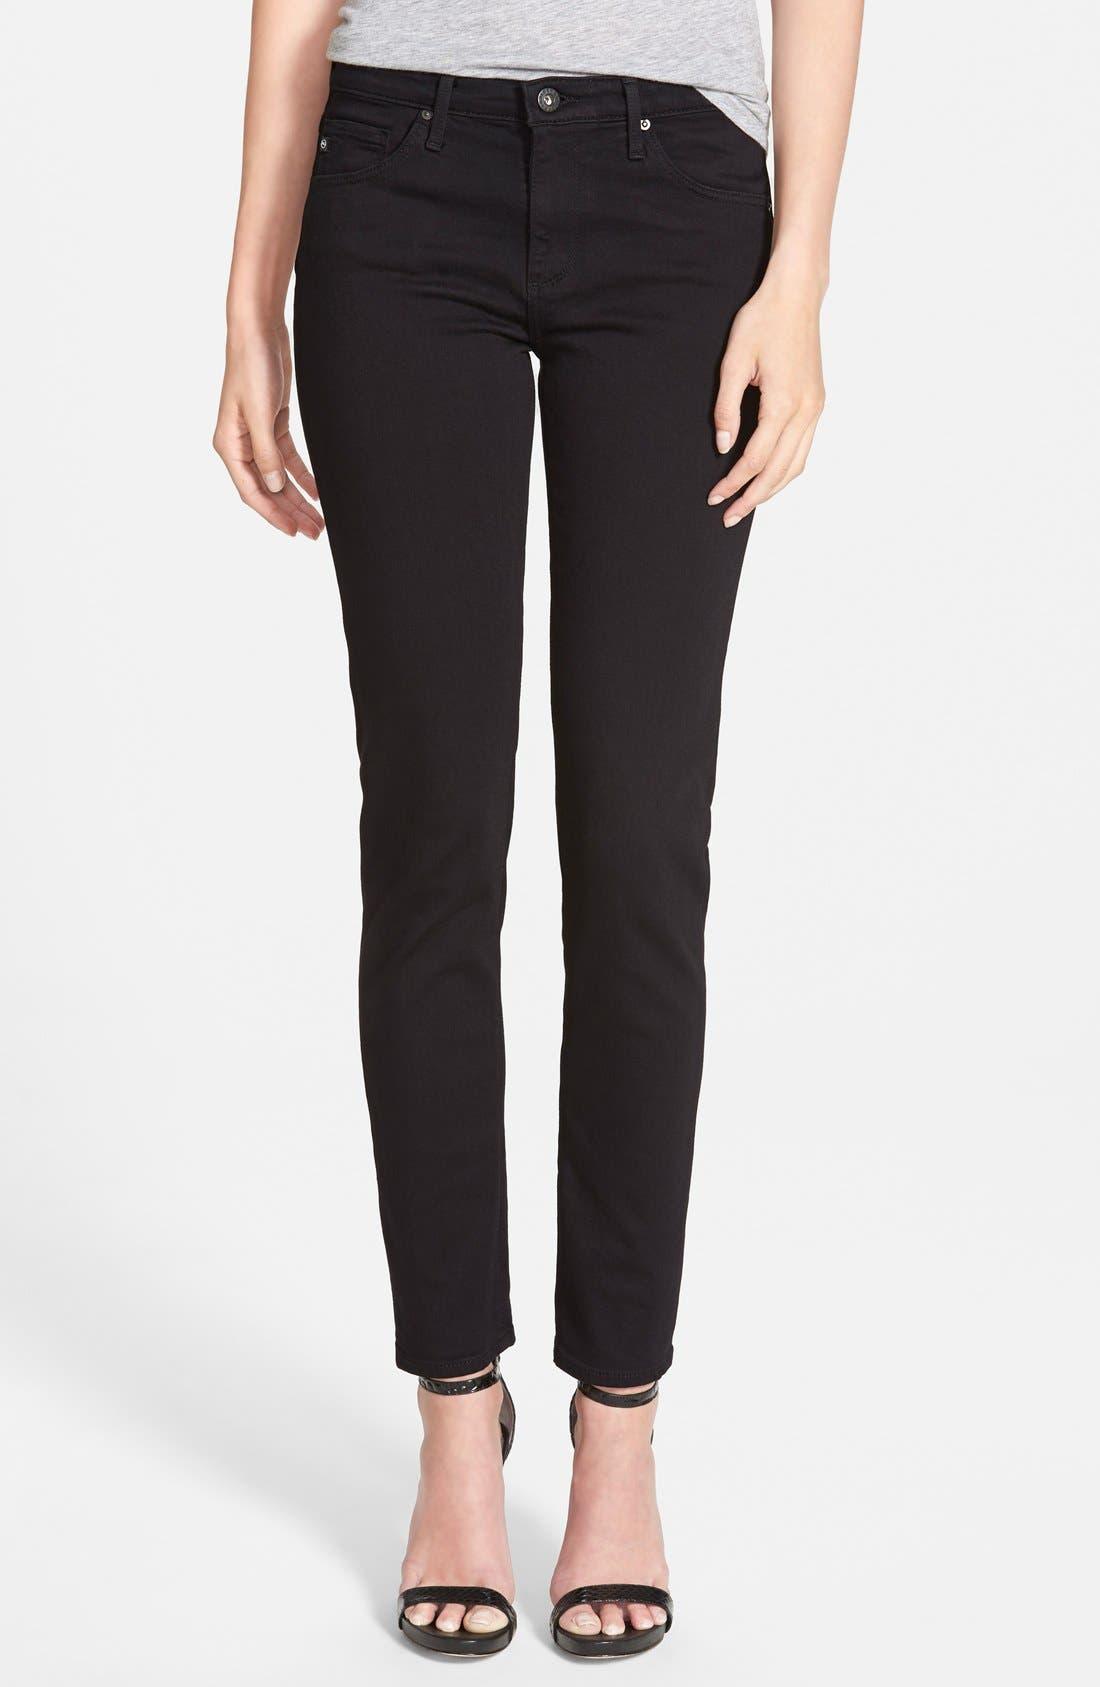 AG 'Prima' Mid Rise Cigarette Jeans